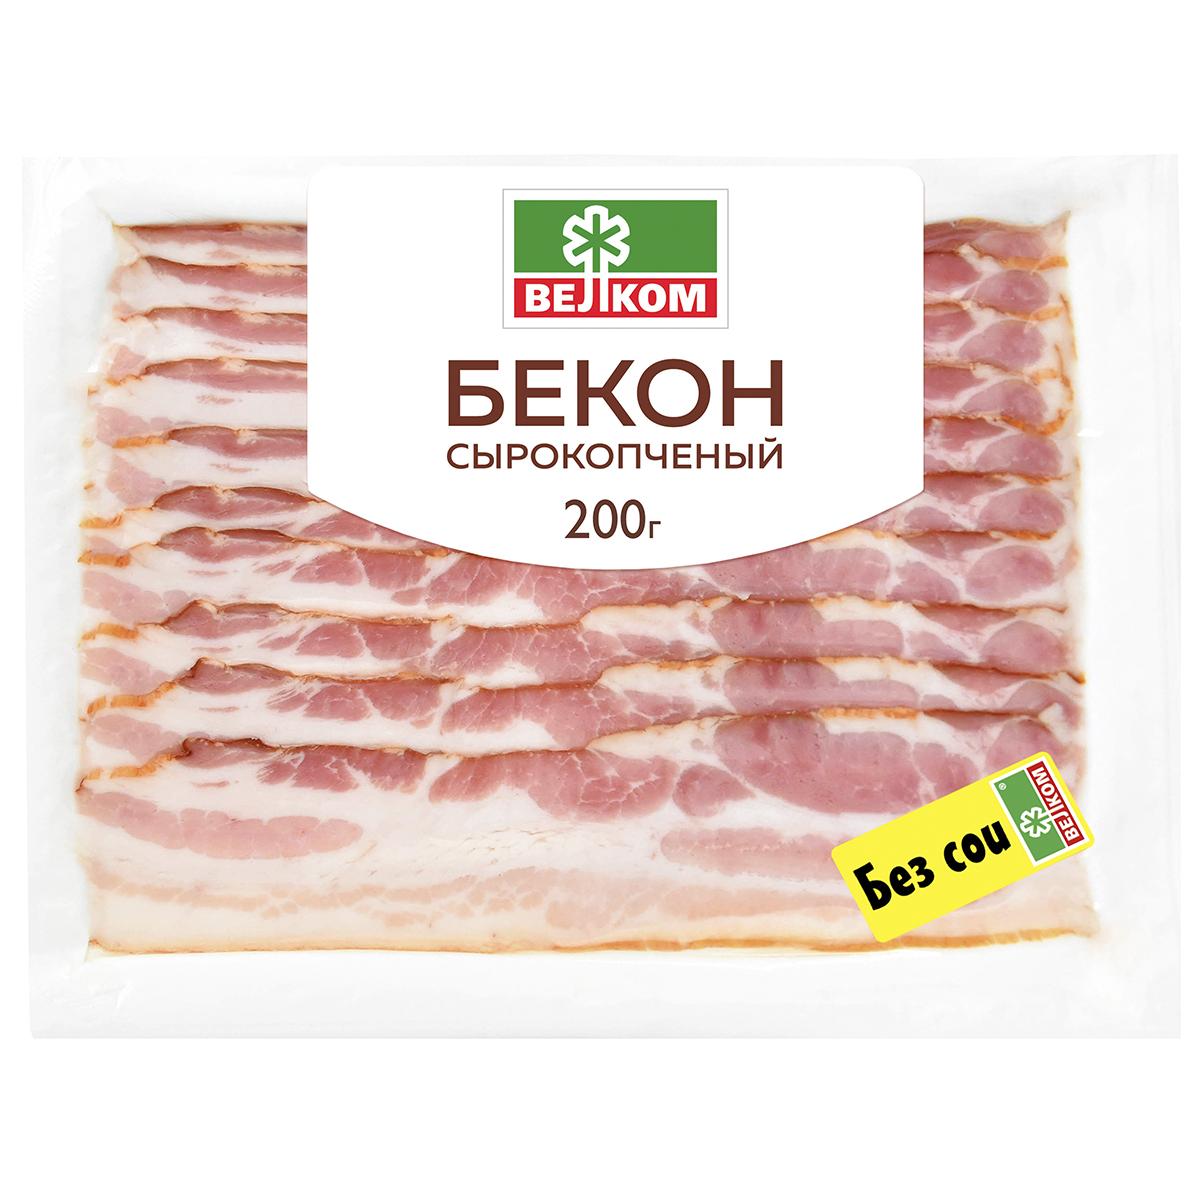 Бекон Велком сырокопченый 200 г